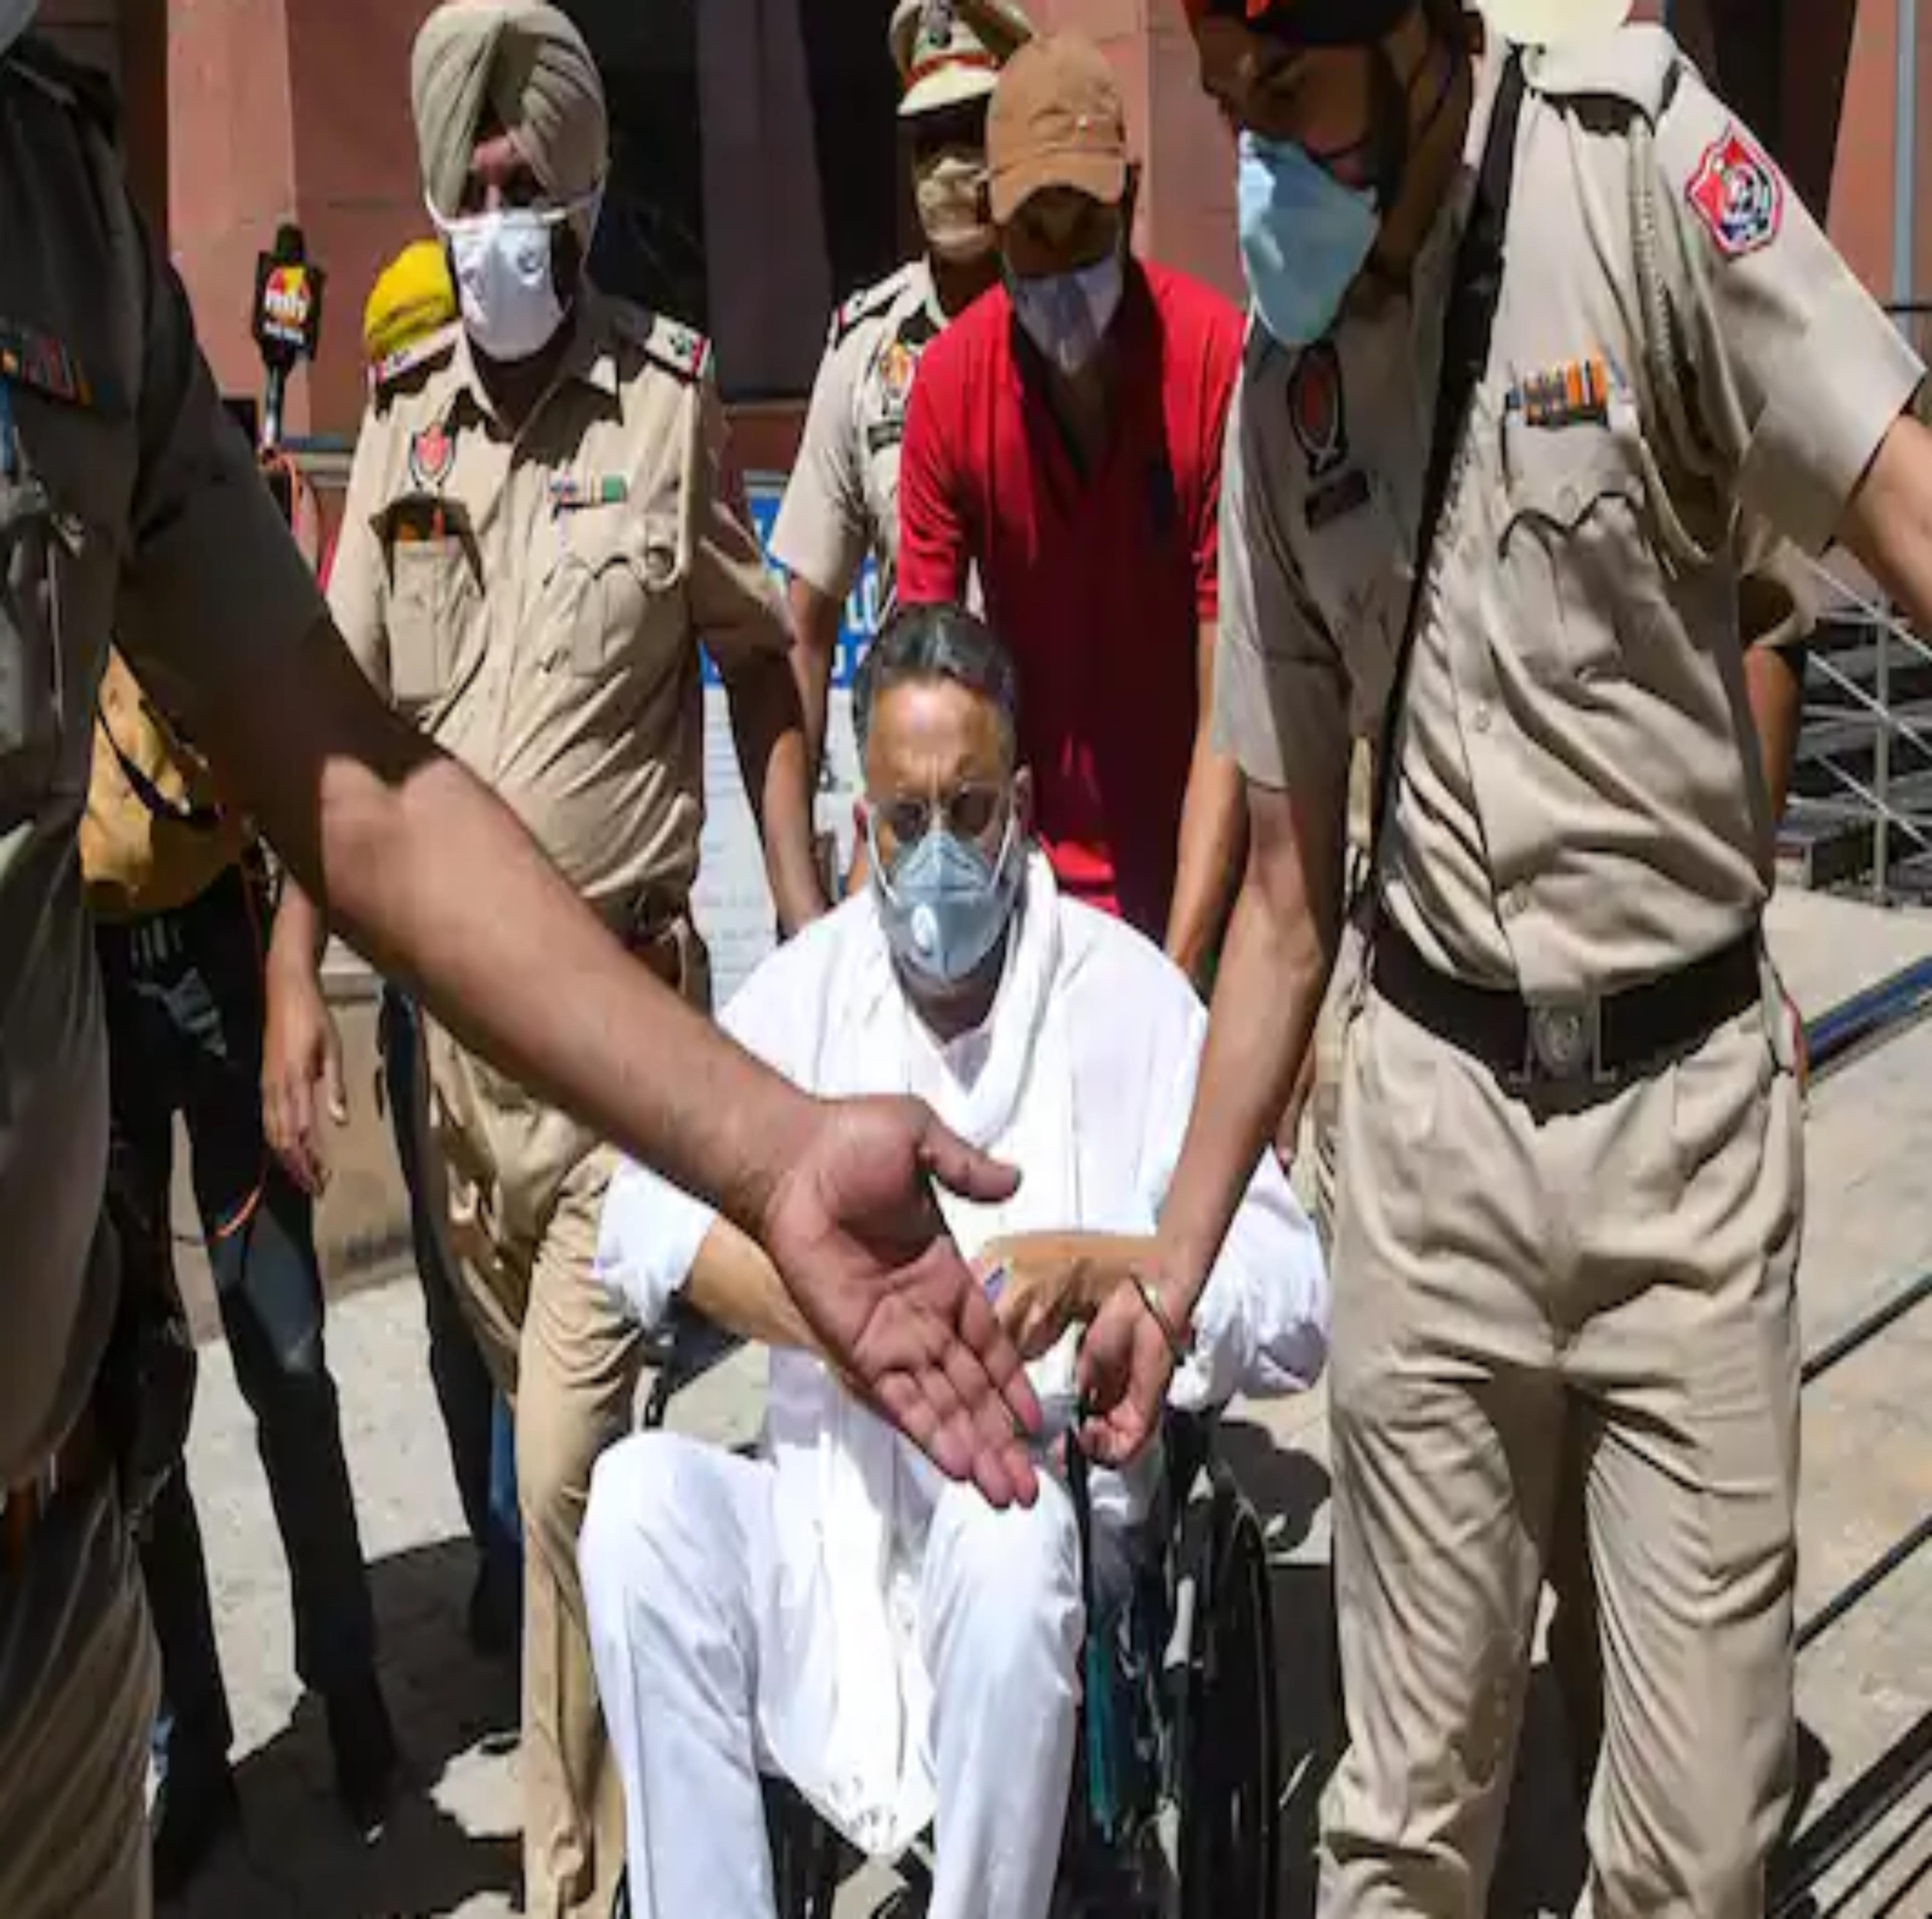 आजमगढ़: 22 अप्रैल को आज़मगढ़ आएंगे मुख्तार अंसारी, बांदा जेल अधीक्षक को जारी किया निर्देश